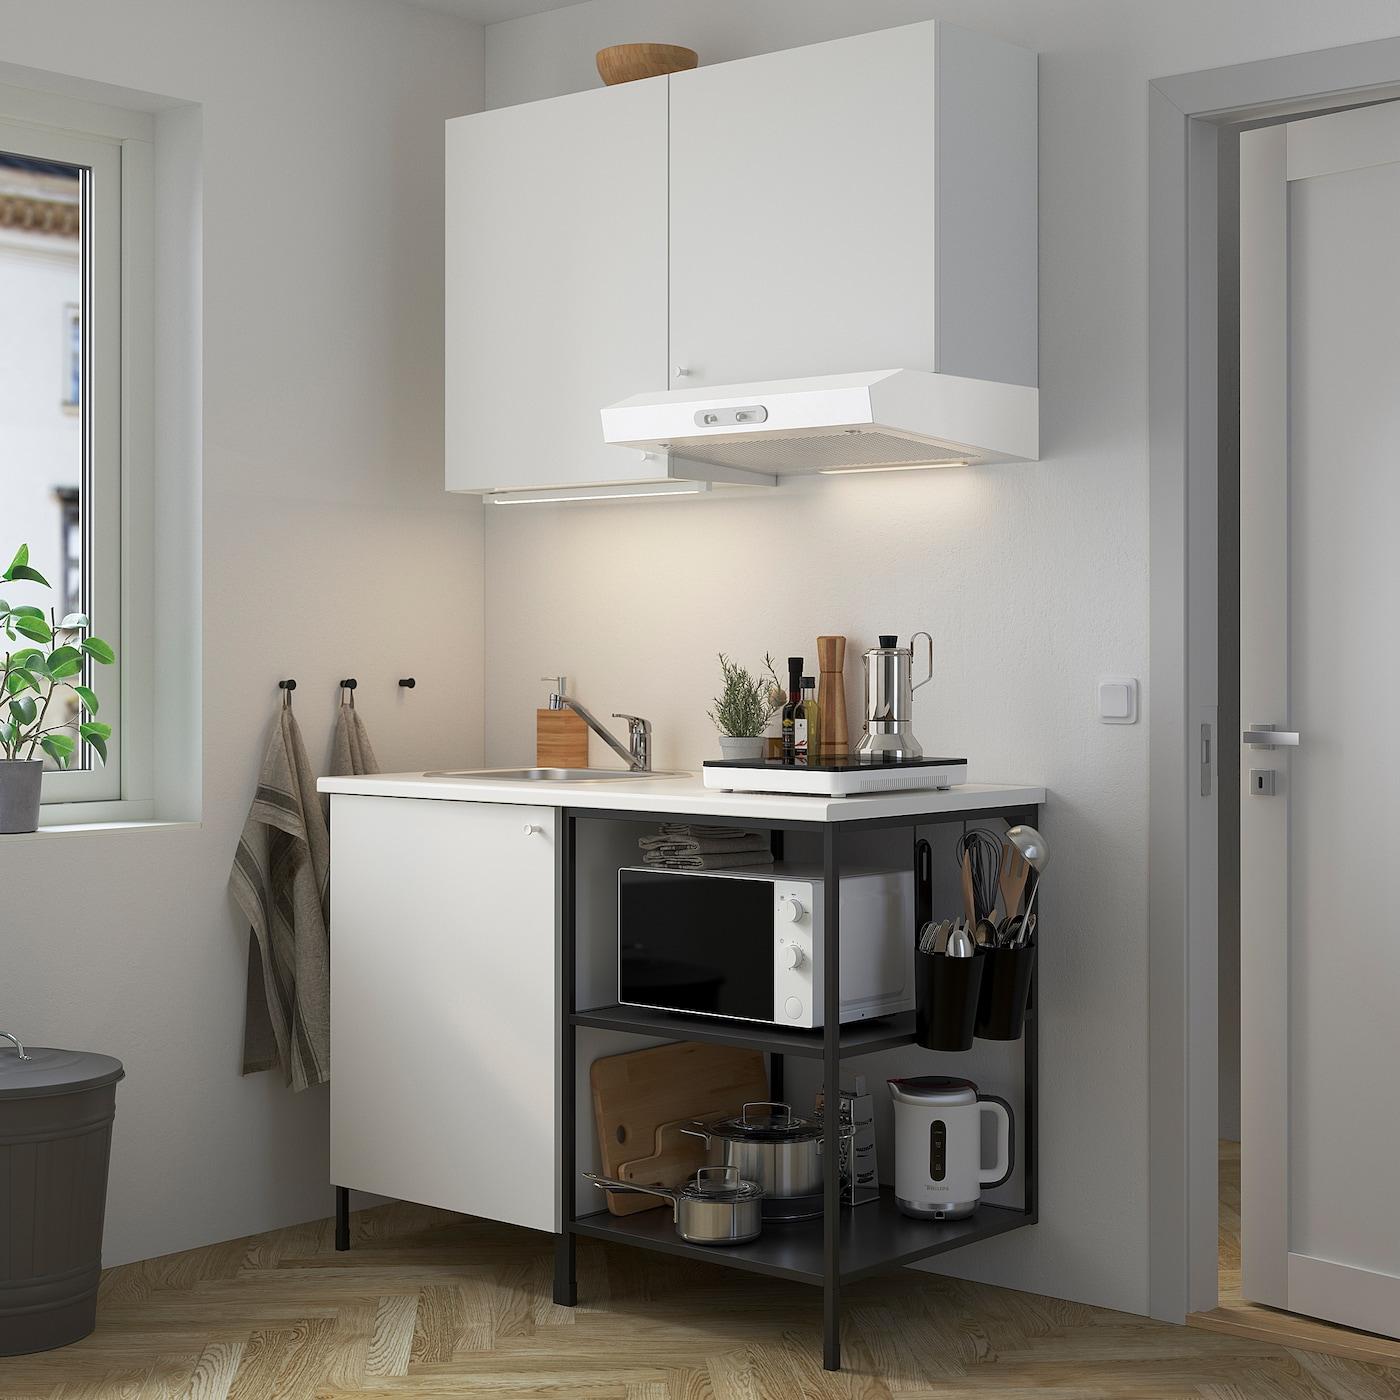 ENHET Kitchen, anthracite/white, 123x63.5x222 cm